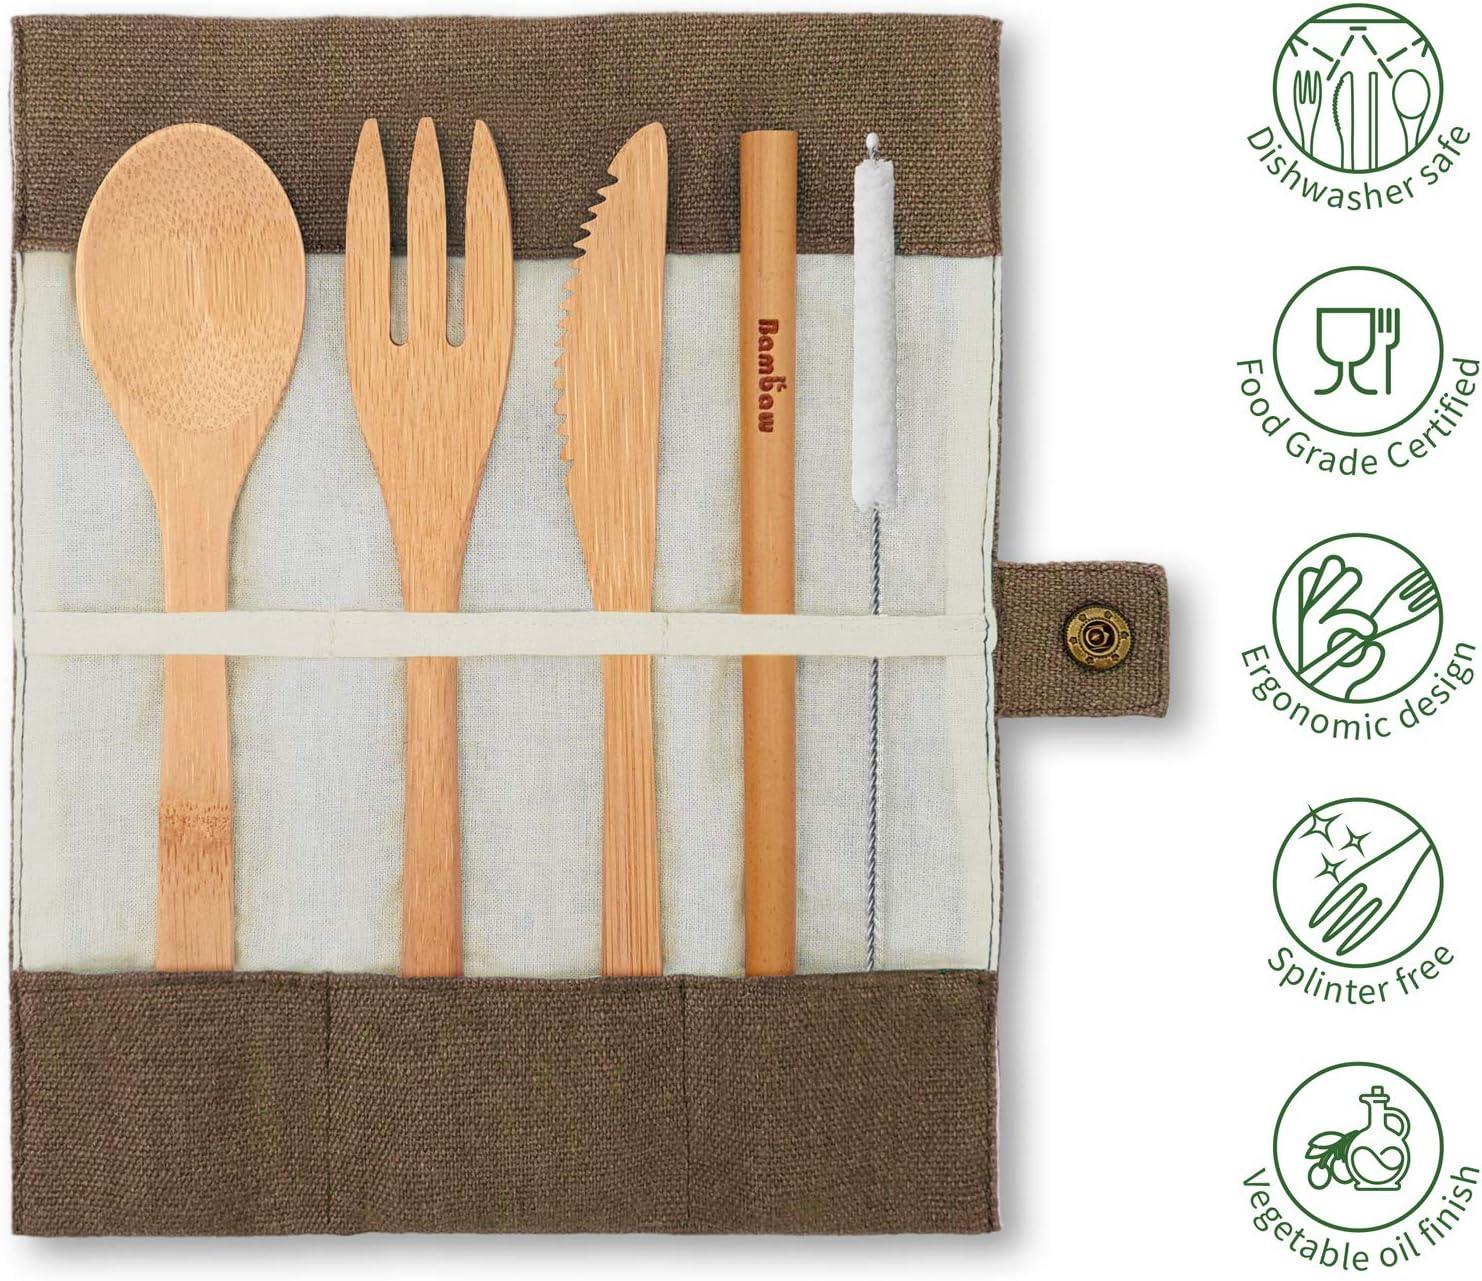 Bambaw Juego de cubiertos de bambú | Juego de cubiertos de viaje | Juego de cubiertos ecológicos | Cuchillo, tenedor, cuchara y pajita | Juego de ...